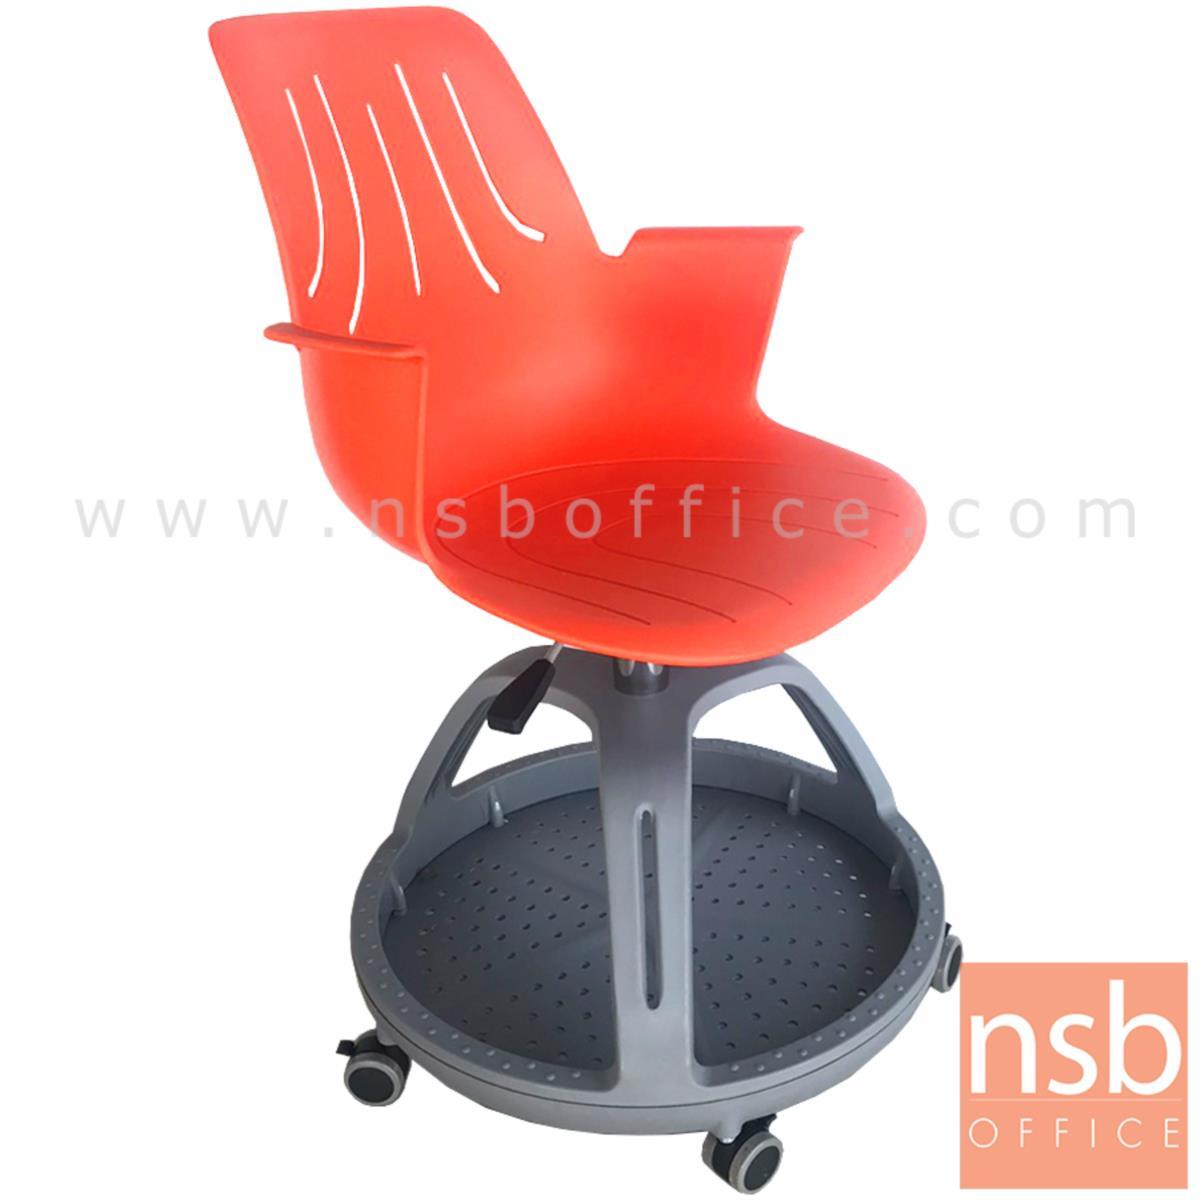 เก้าอี้เฟรมโพลี่ล้อเลื่อน รุ่น Barnaby (บาร์นาบี้)  ไม่มีแผ่นเลคเชอร์ ฐานกลมวางกระเป๋าได้